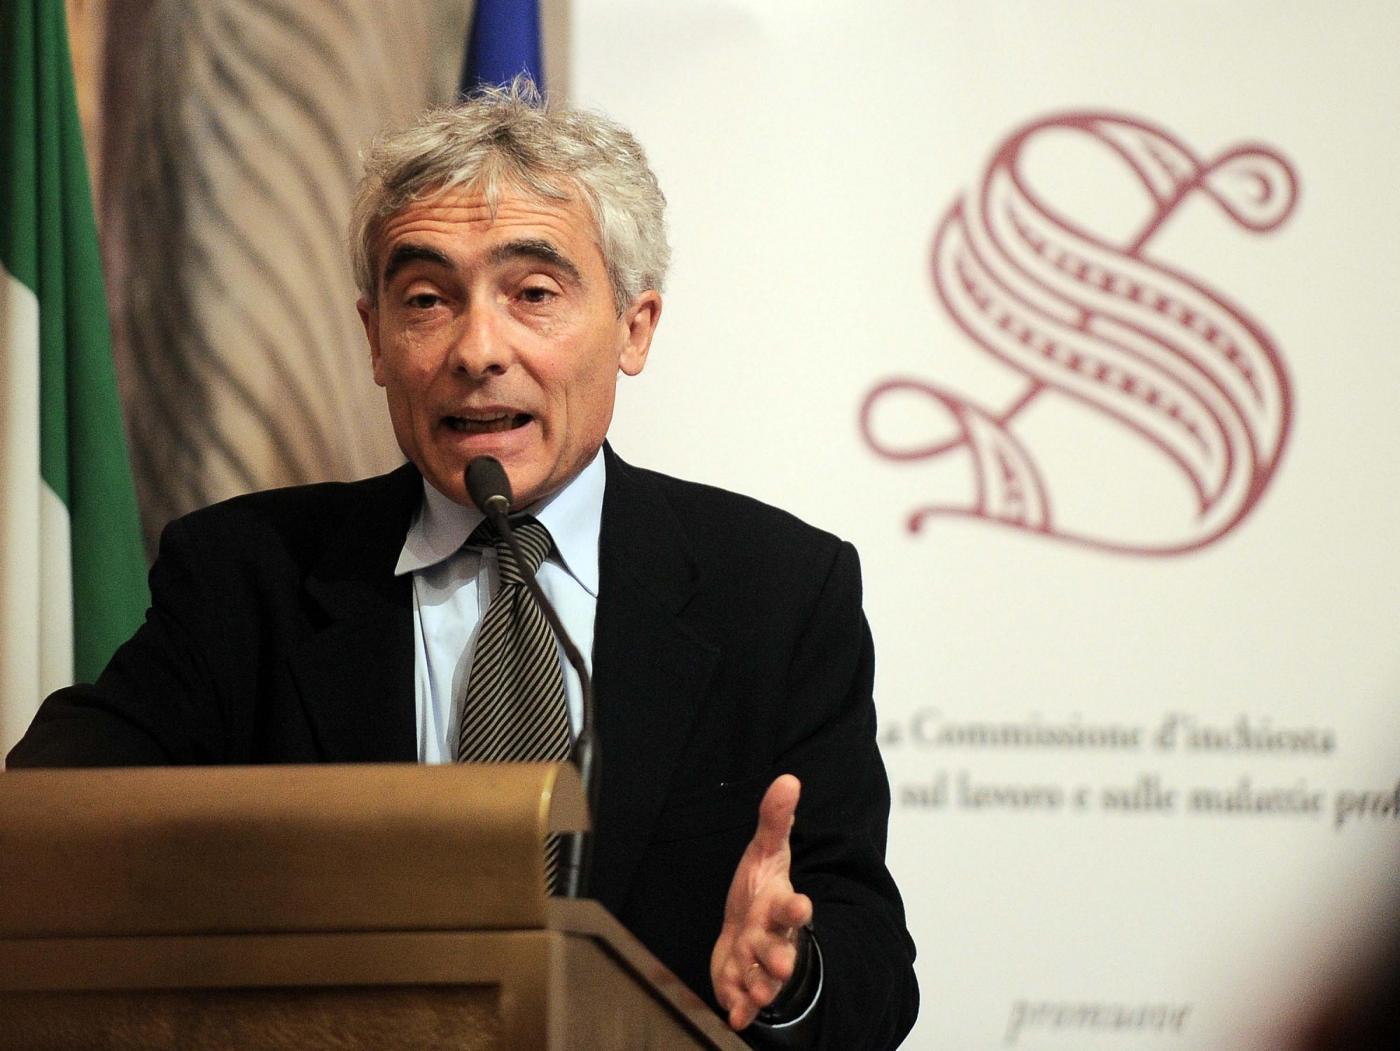 Tito Boeri: 'La Monti-Fornero ha stroncato le opportunità di 36 mila giovani'